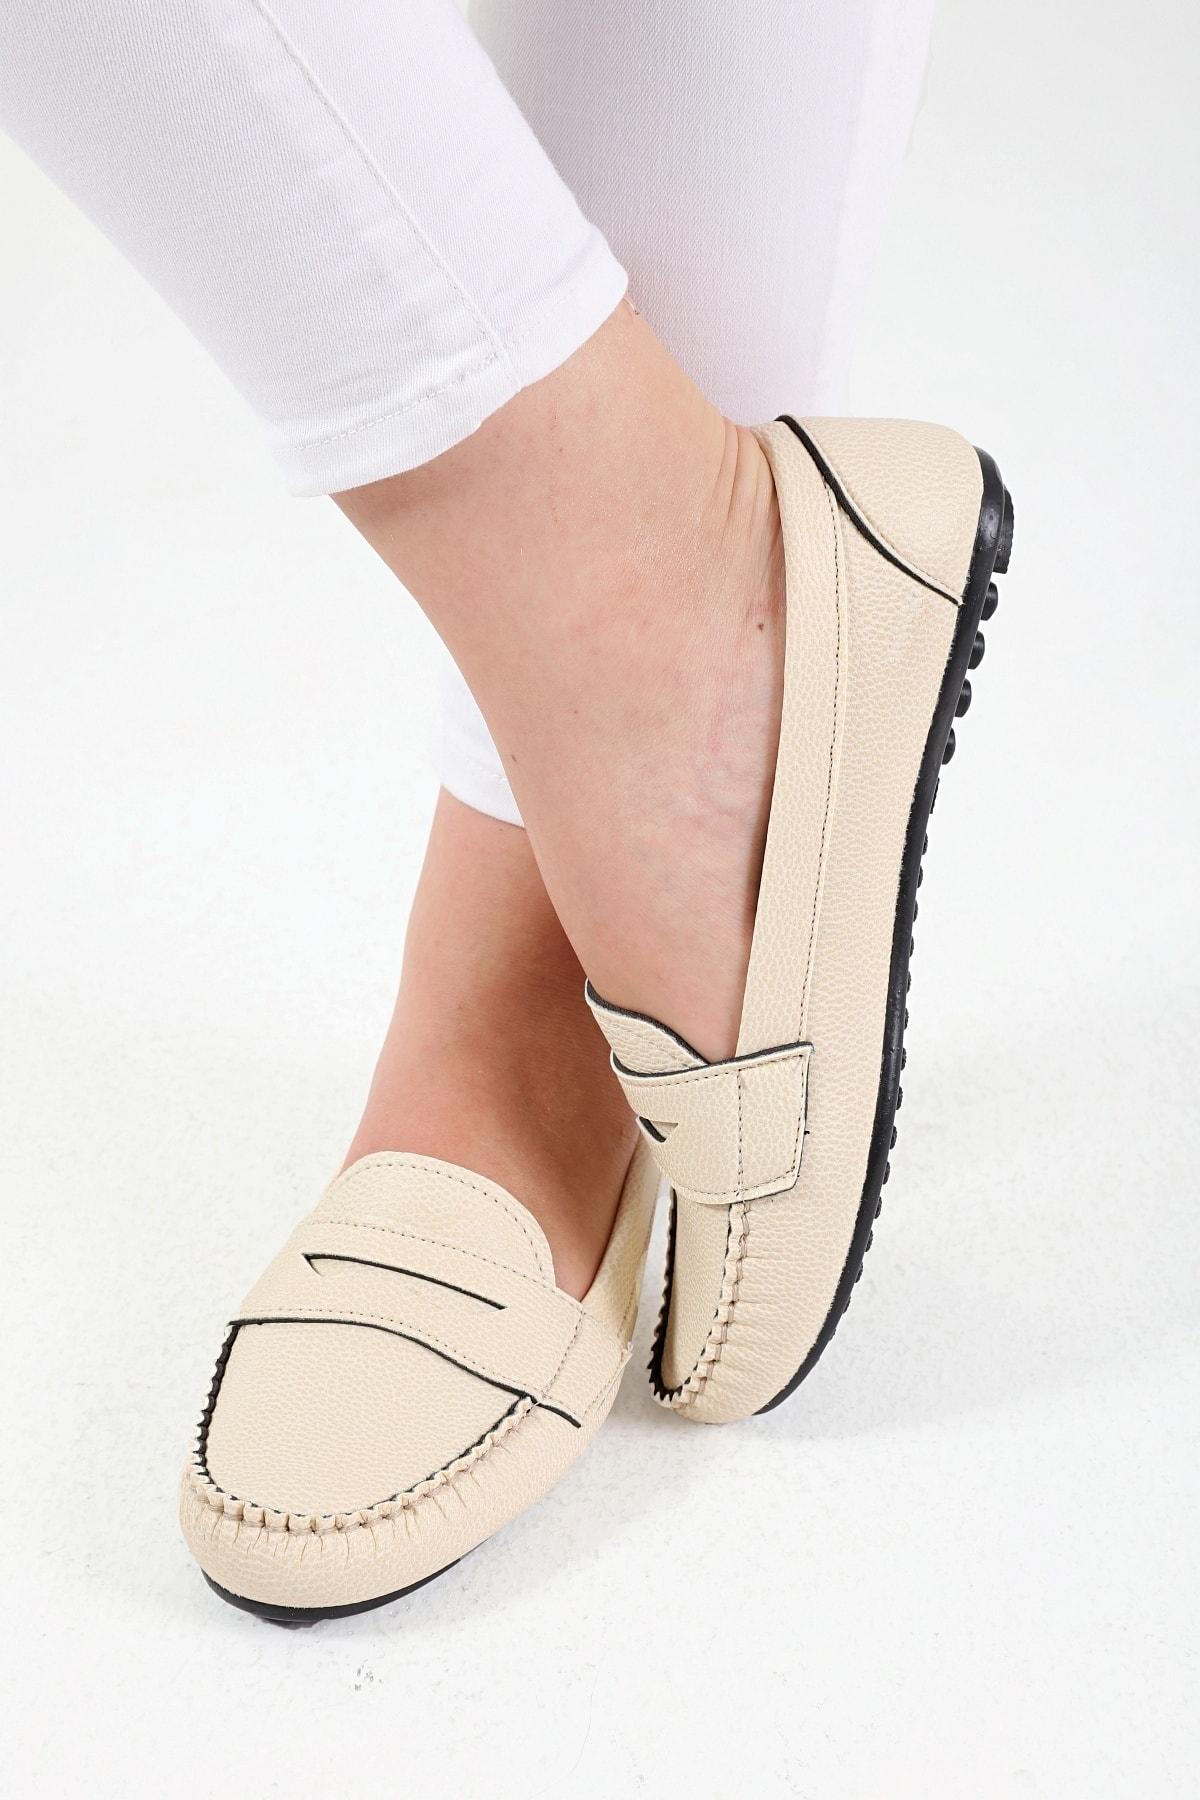 Bej Kolej Kadın Günlük Casual Babet Ayakkabı